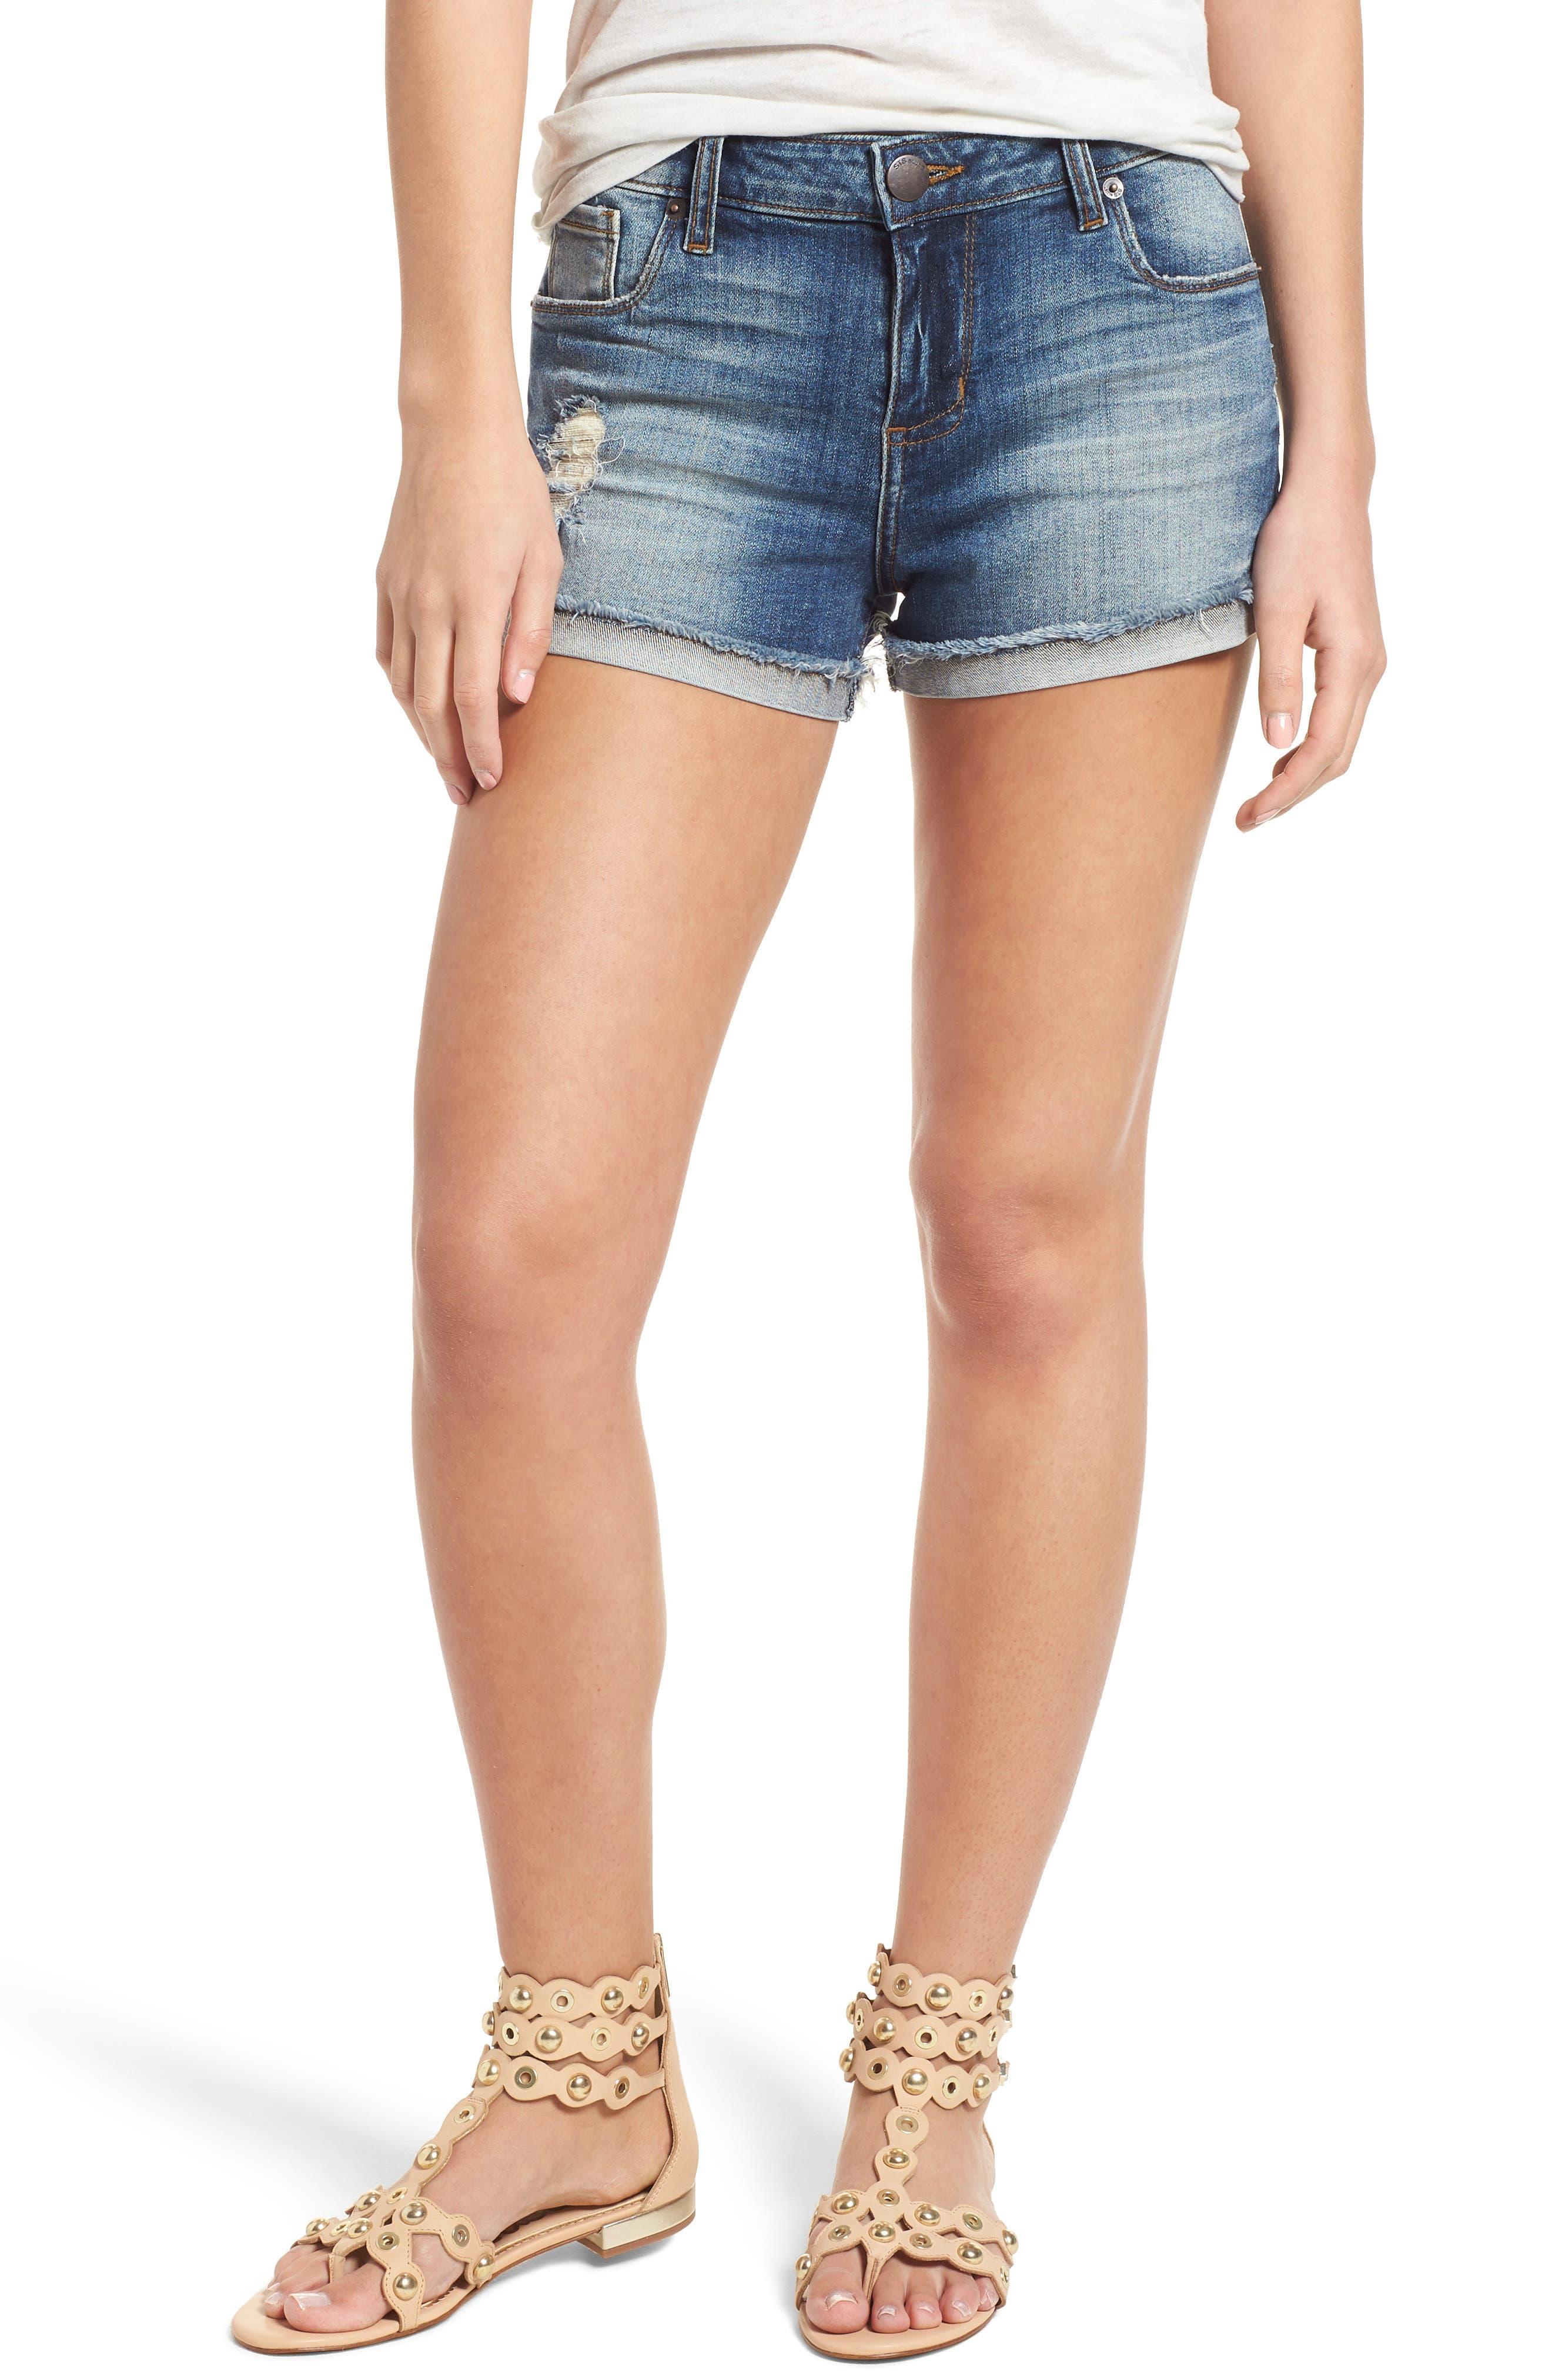 STS BLUE Boyfriend Denim Shorts, Main, color, 400